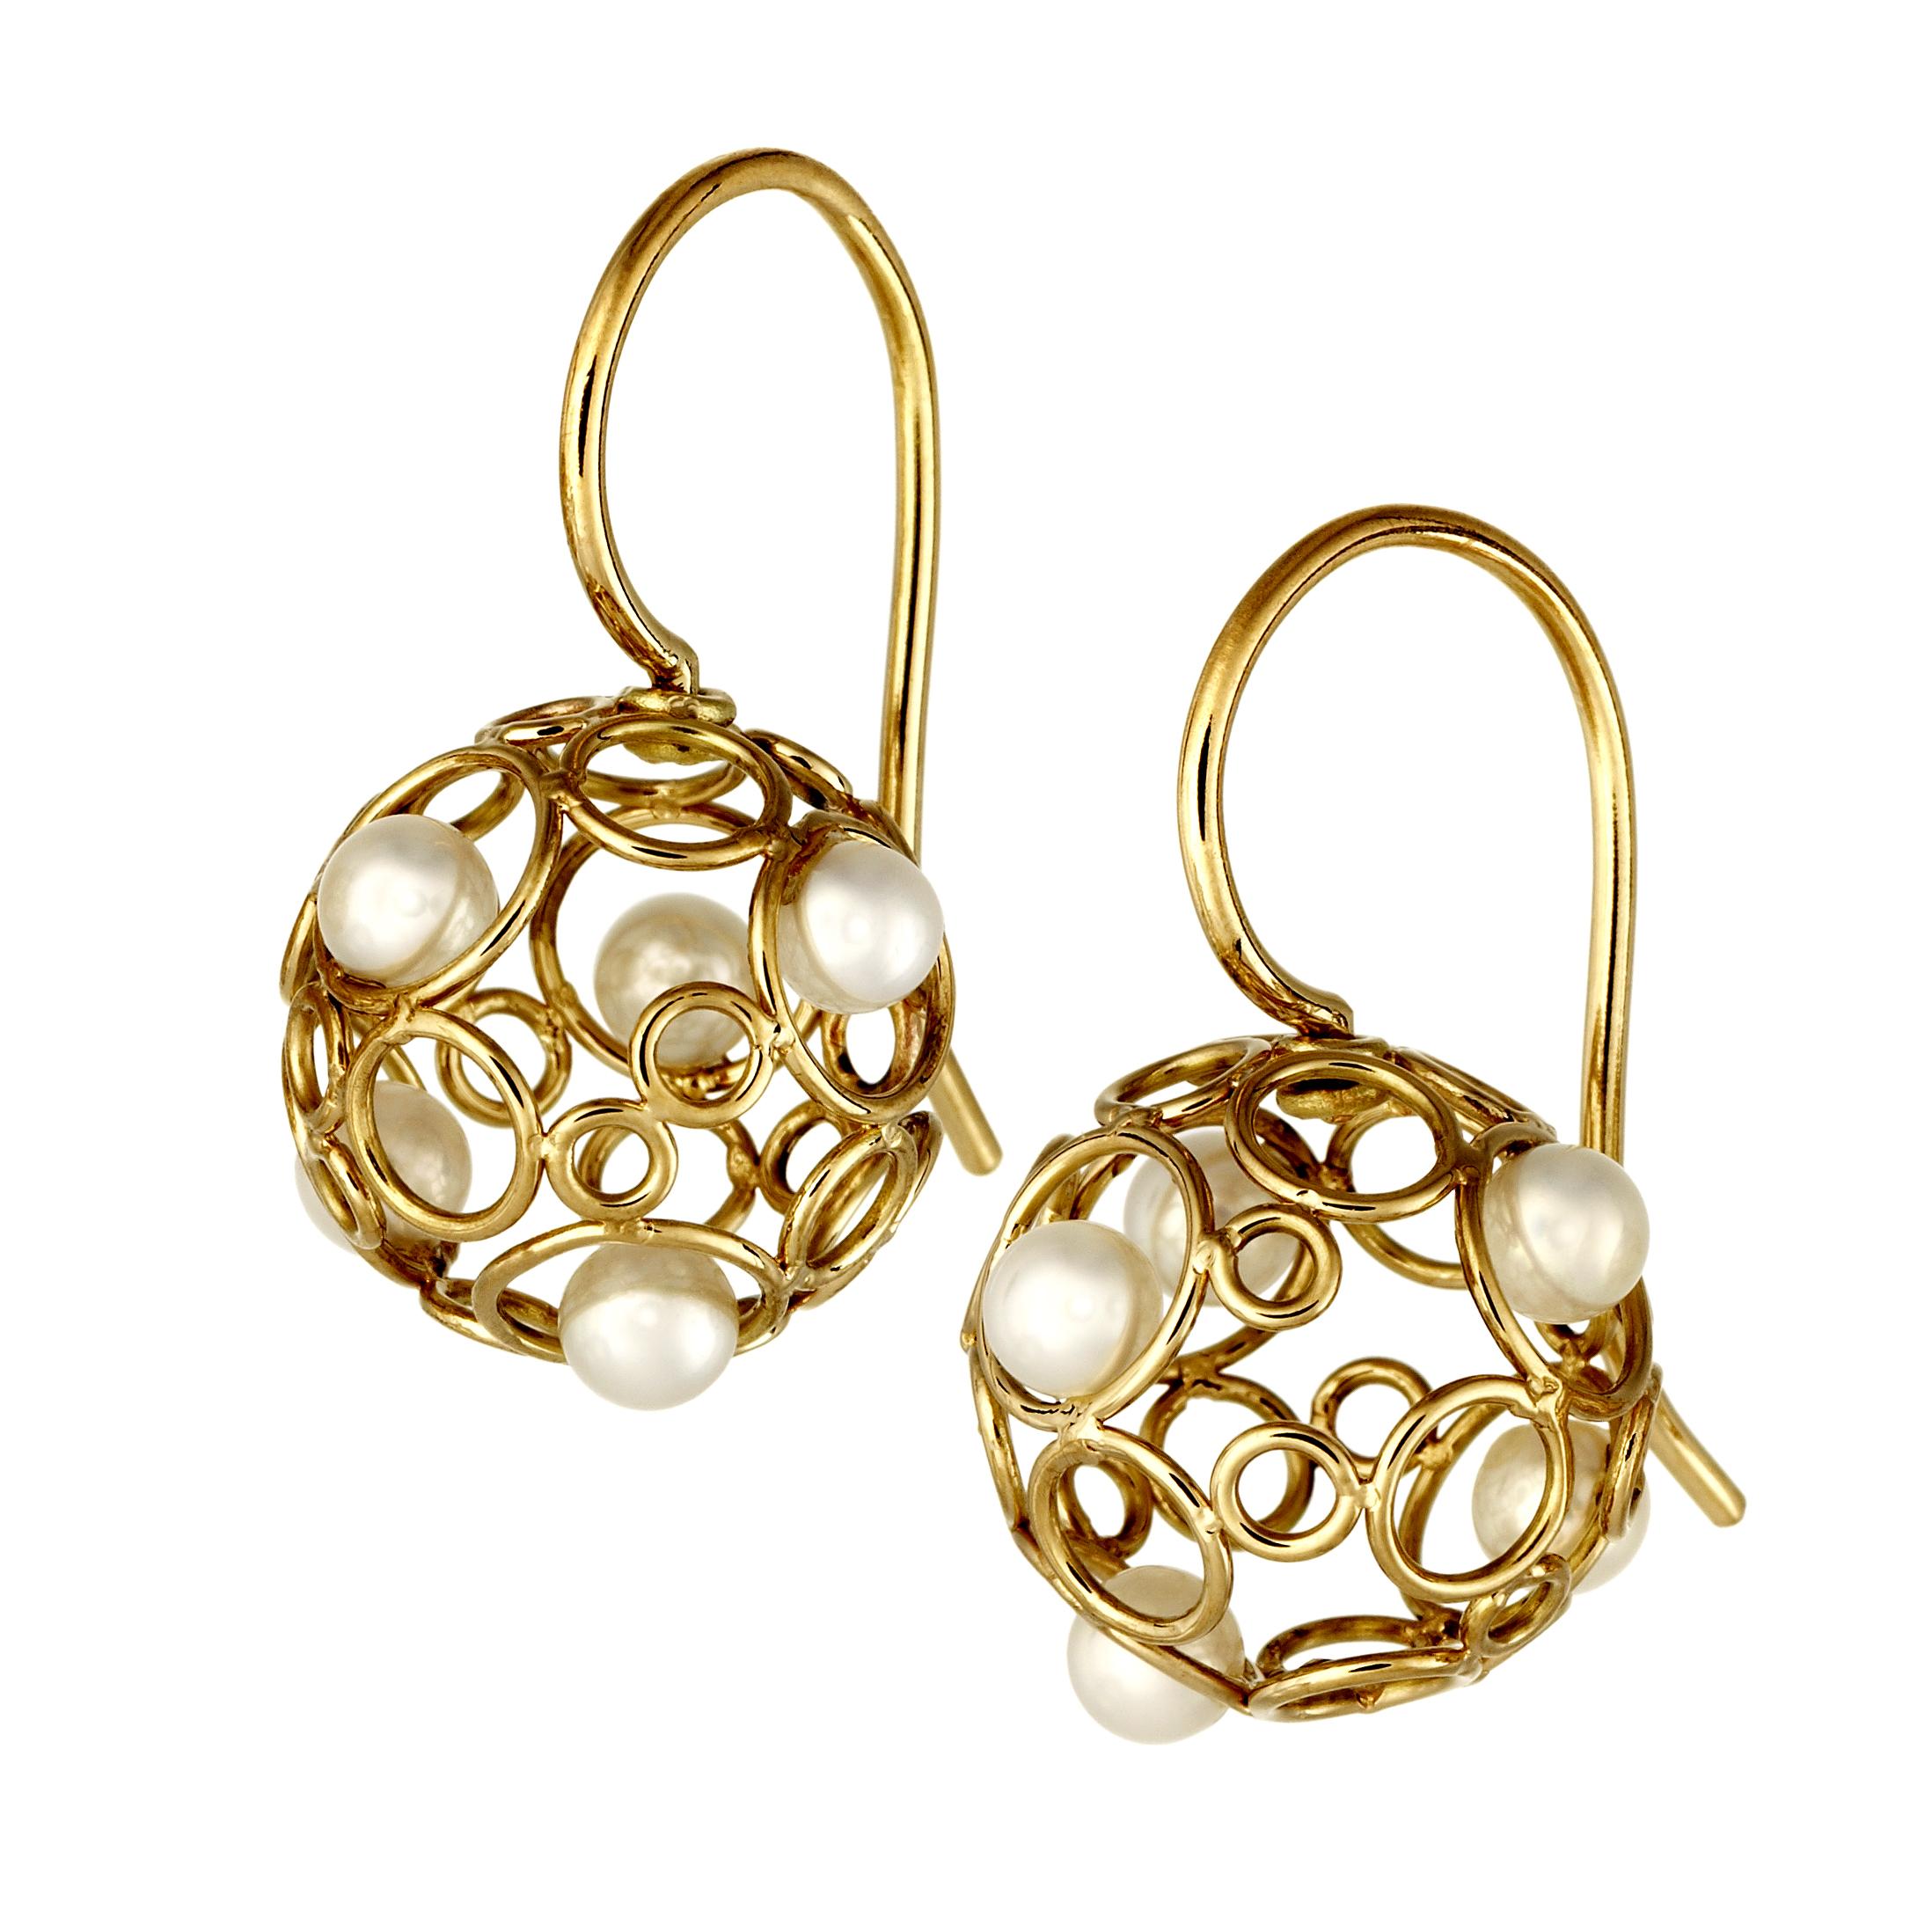 Ohrhänger-Bubbles-Perlen-Gelbgold-Auffanger